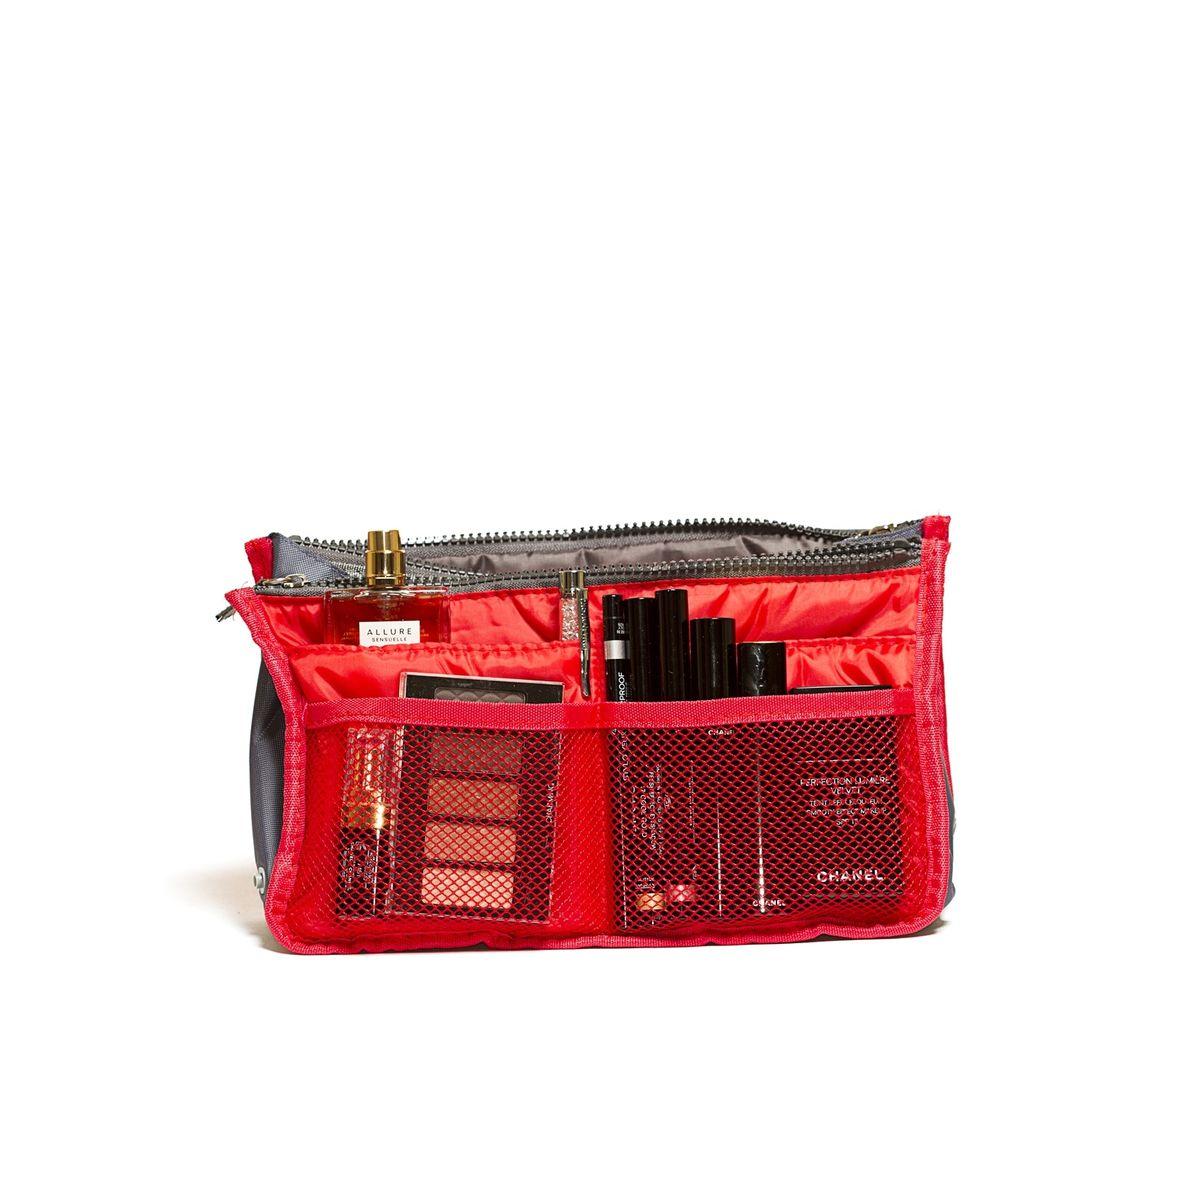 Органайзер для сумки Homsu, цвет: красный, 30 x 8,5 x 18,5 смHOM-138Этот органайзер для сумки благодаря трем вместительным отделениям для вещей, четырем кармашкам по бокам и шести кармашкам в виде сетки обеспечит полный порядок в вашей сумке. Кроме того, изделие обладает интересным стилем, выполнено в красном цвете и оснащёно двумя крепкими ручками, что позволяет применять его и вне сумки, как отдельный аксессуар. Фактический цвет может отличаться от заявленного.